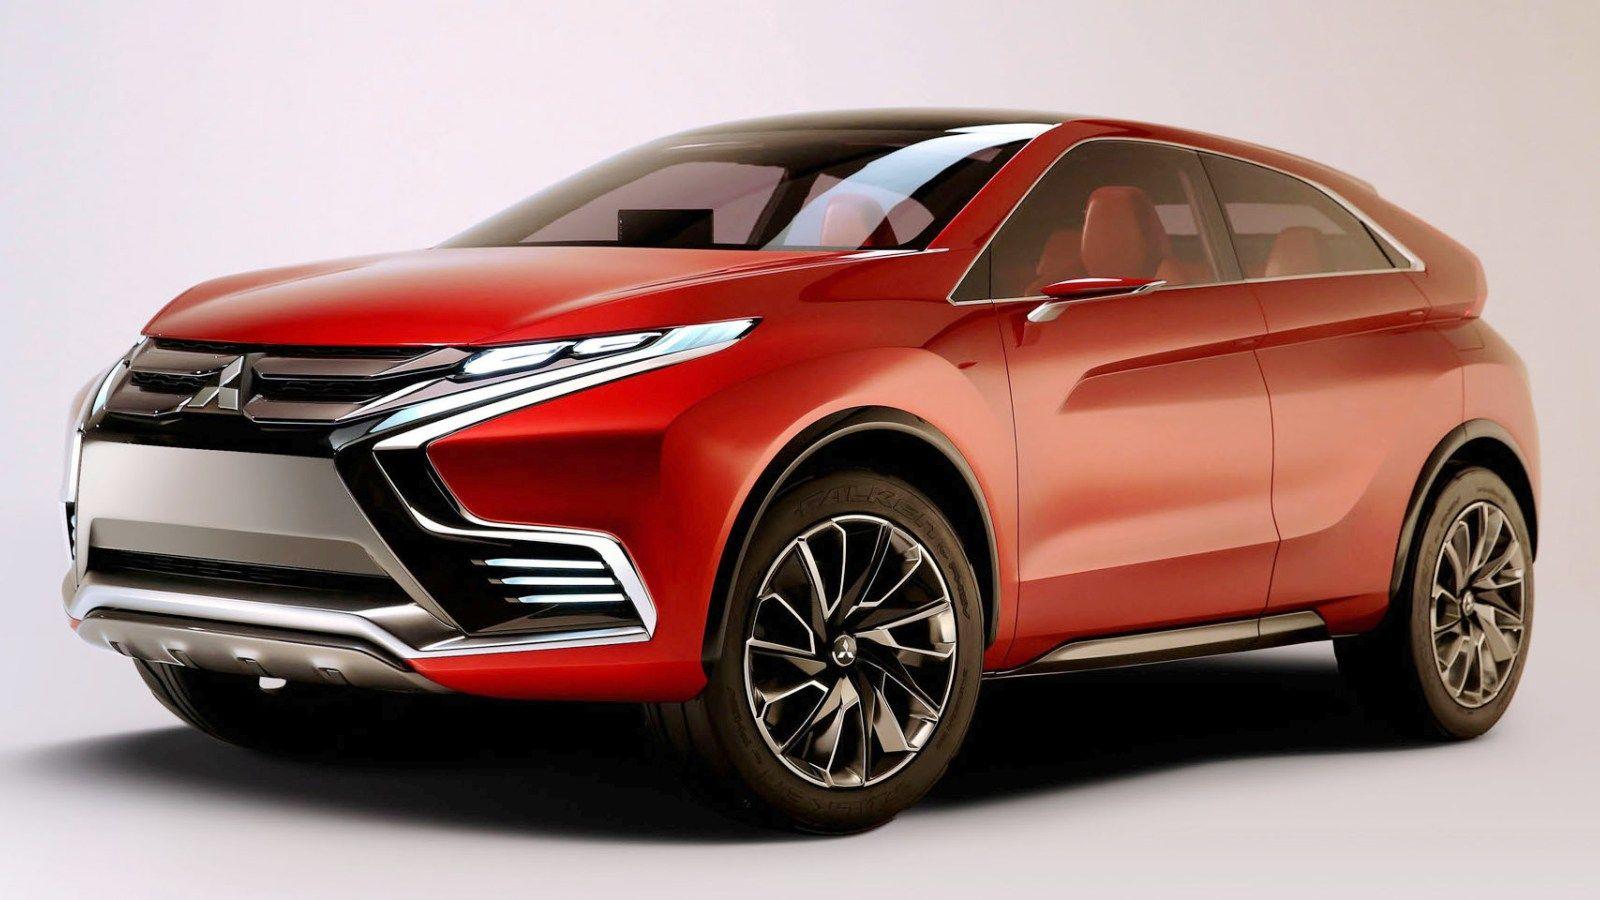 2015 Mitsubishi XR‑PHEV II Concept Car Wallpaper Mobil